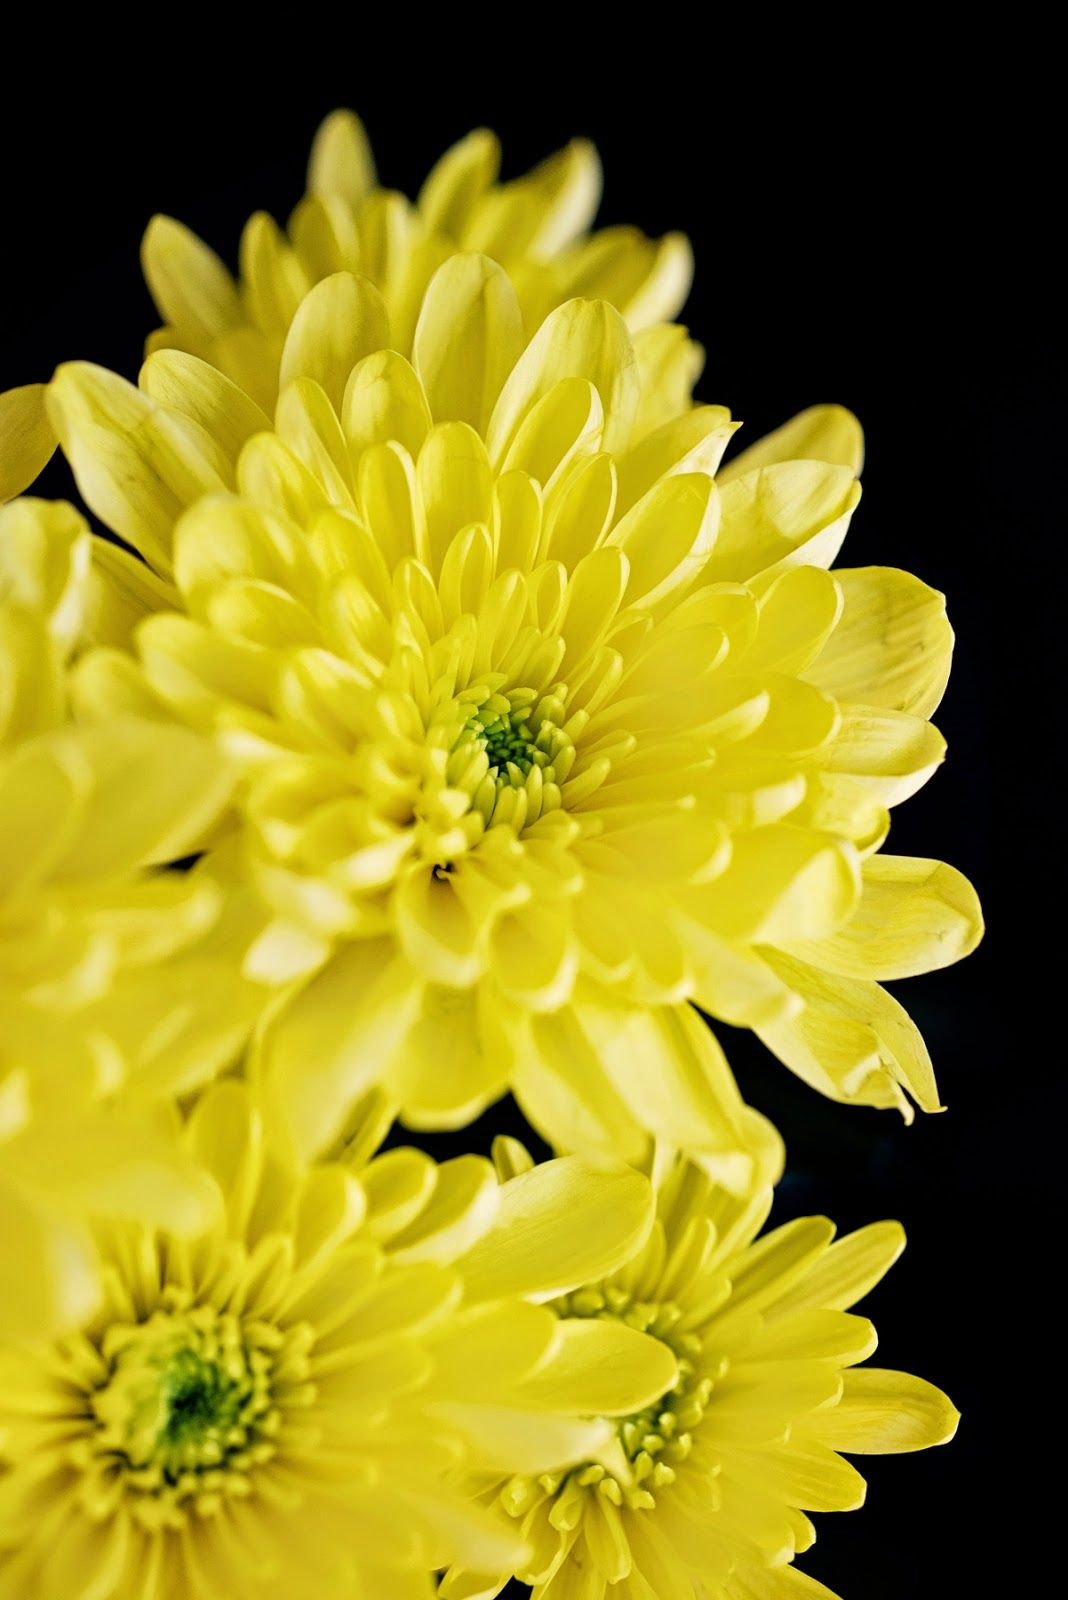 Yellow Chrysanthemum Birth flowers, Chrysanthemum